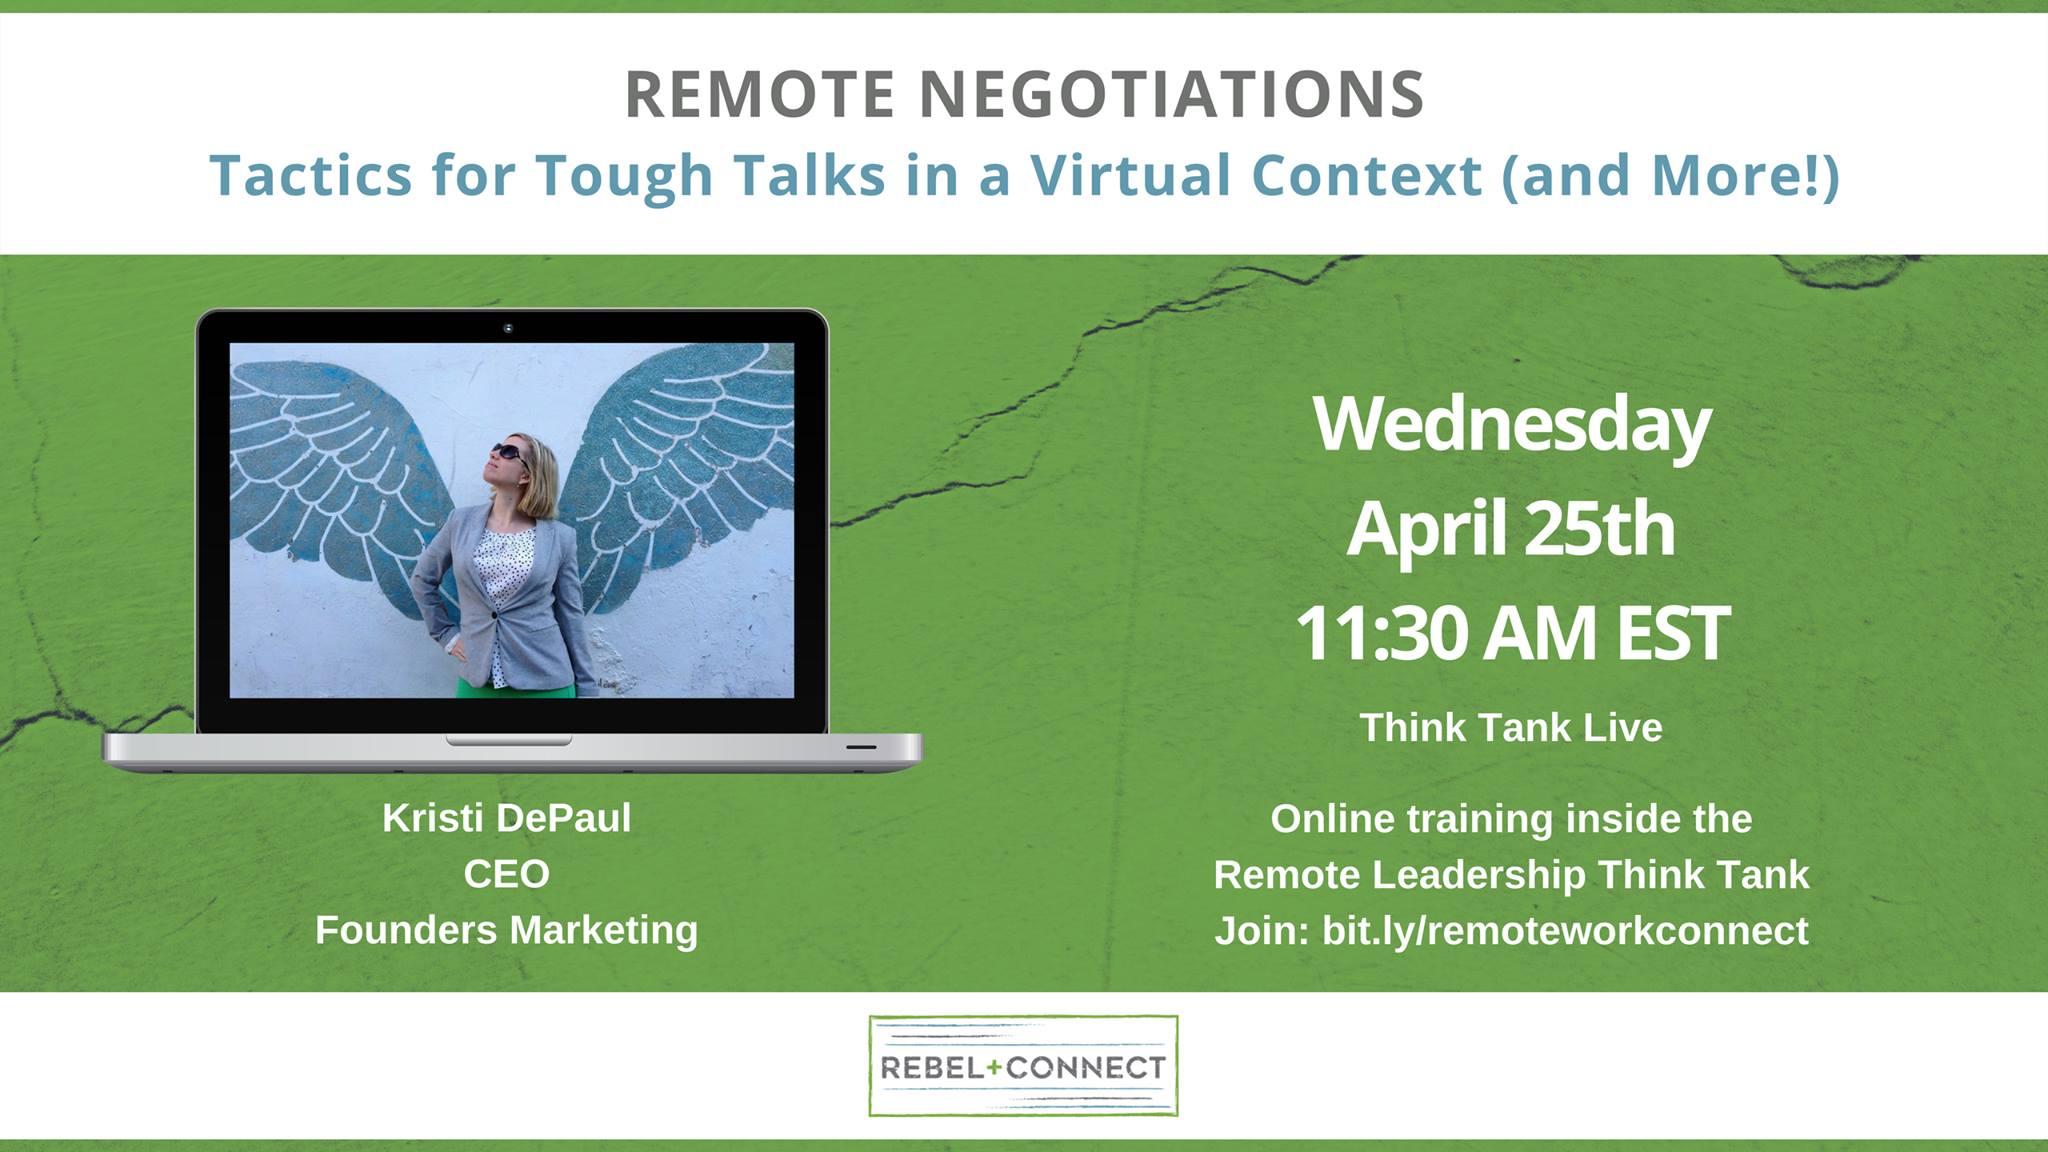 Remote negotiations - Tactics for Tough Talks in a Virtual Context